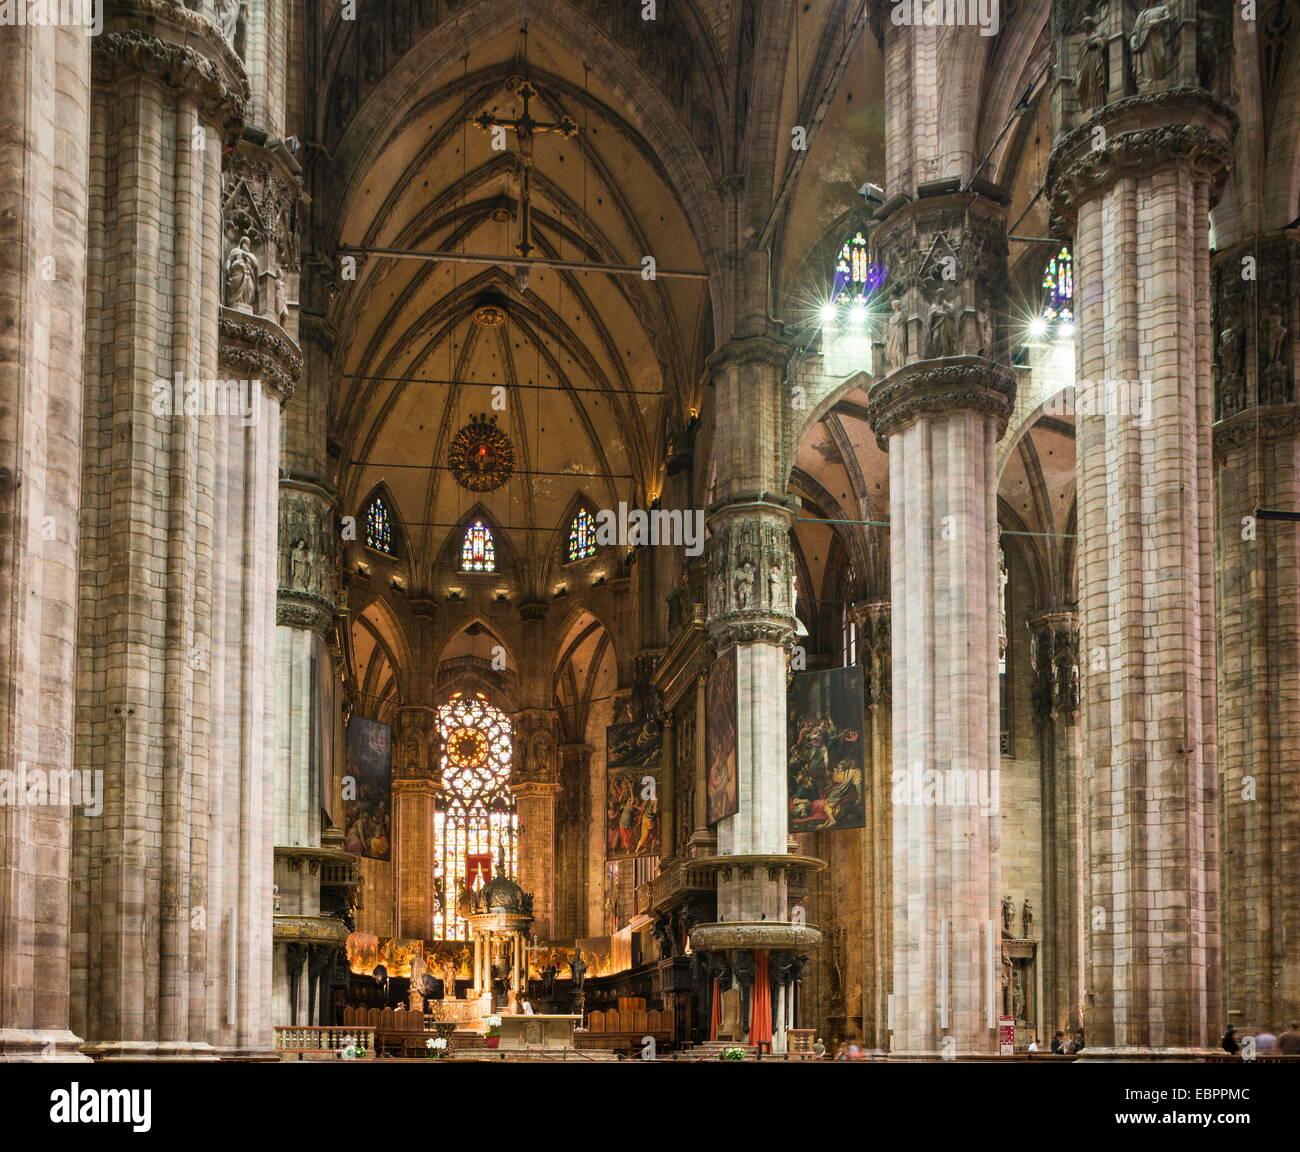 Interno del Duomo di Milano, Piazza Duomo, Milano, Lombardia, Italia, Europa Immagini Stock